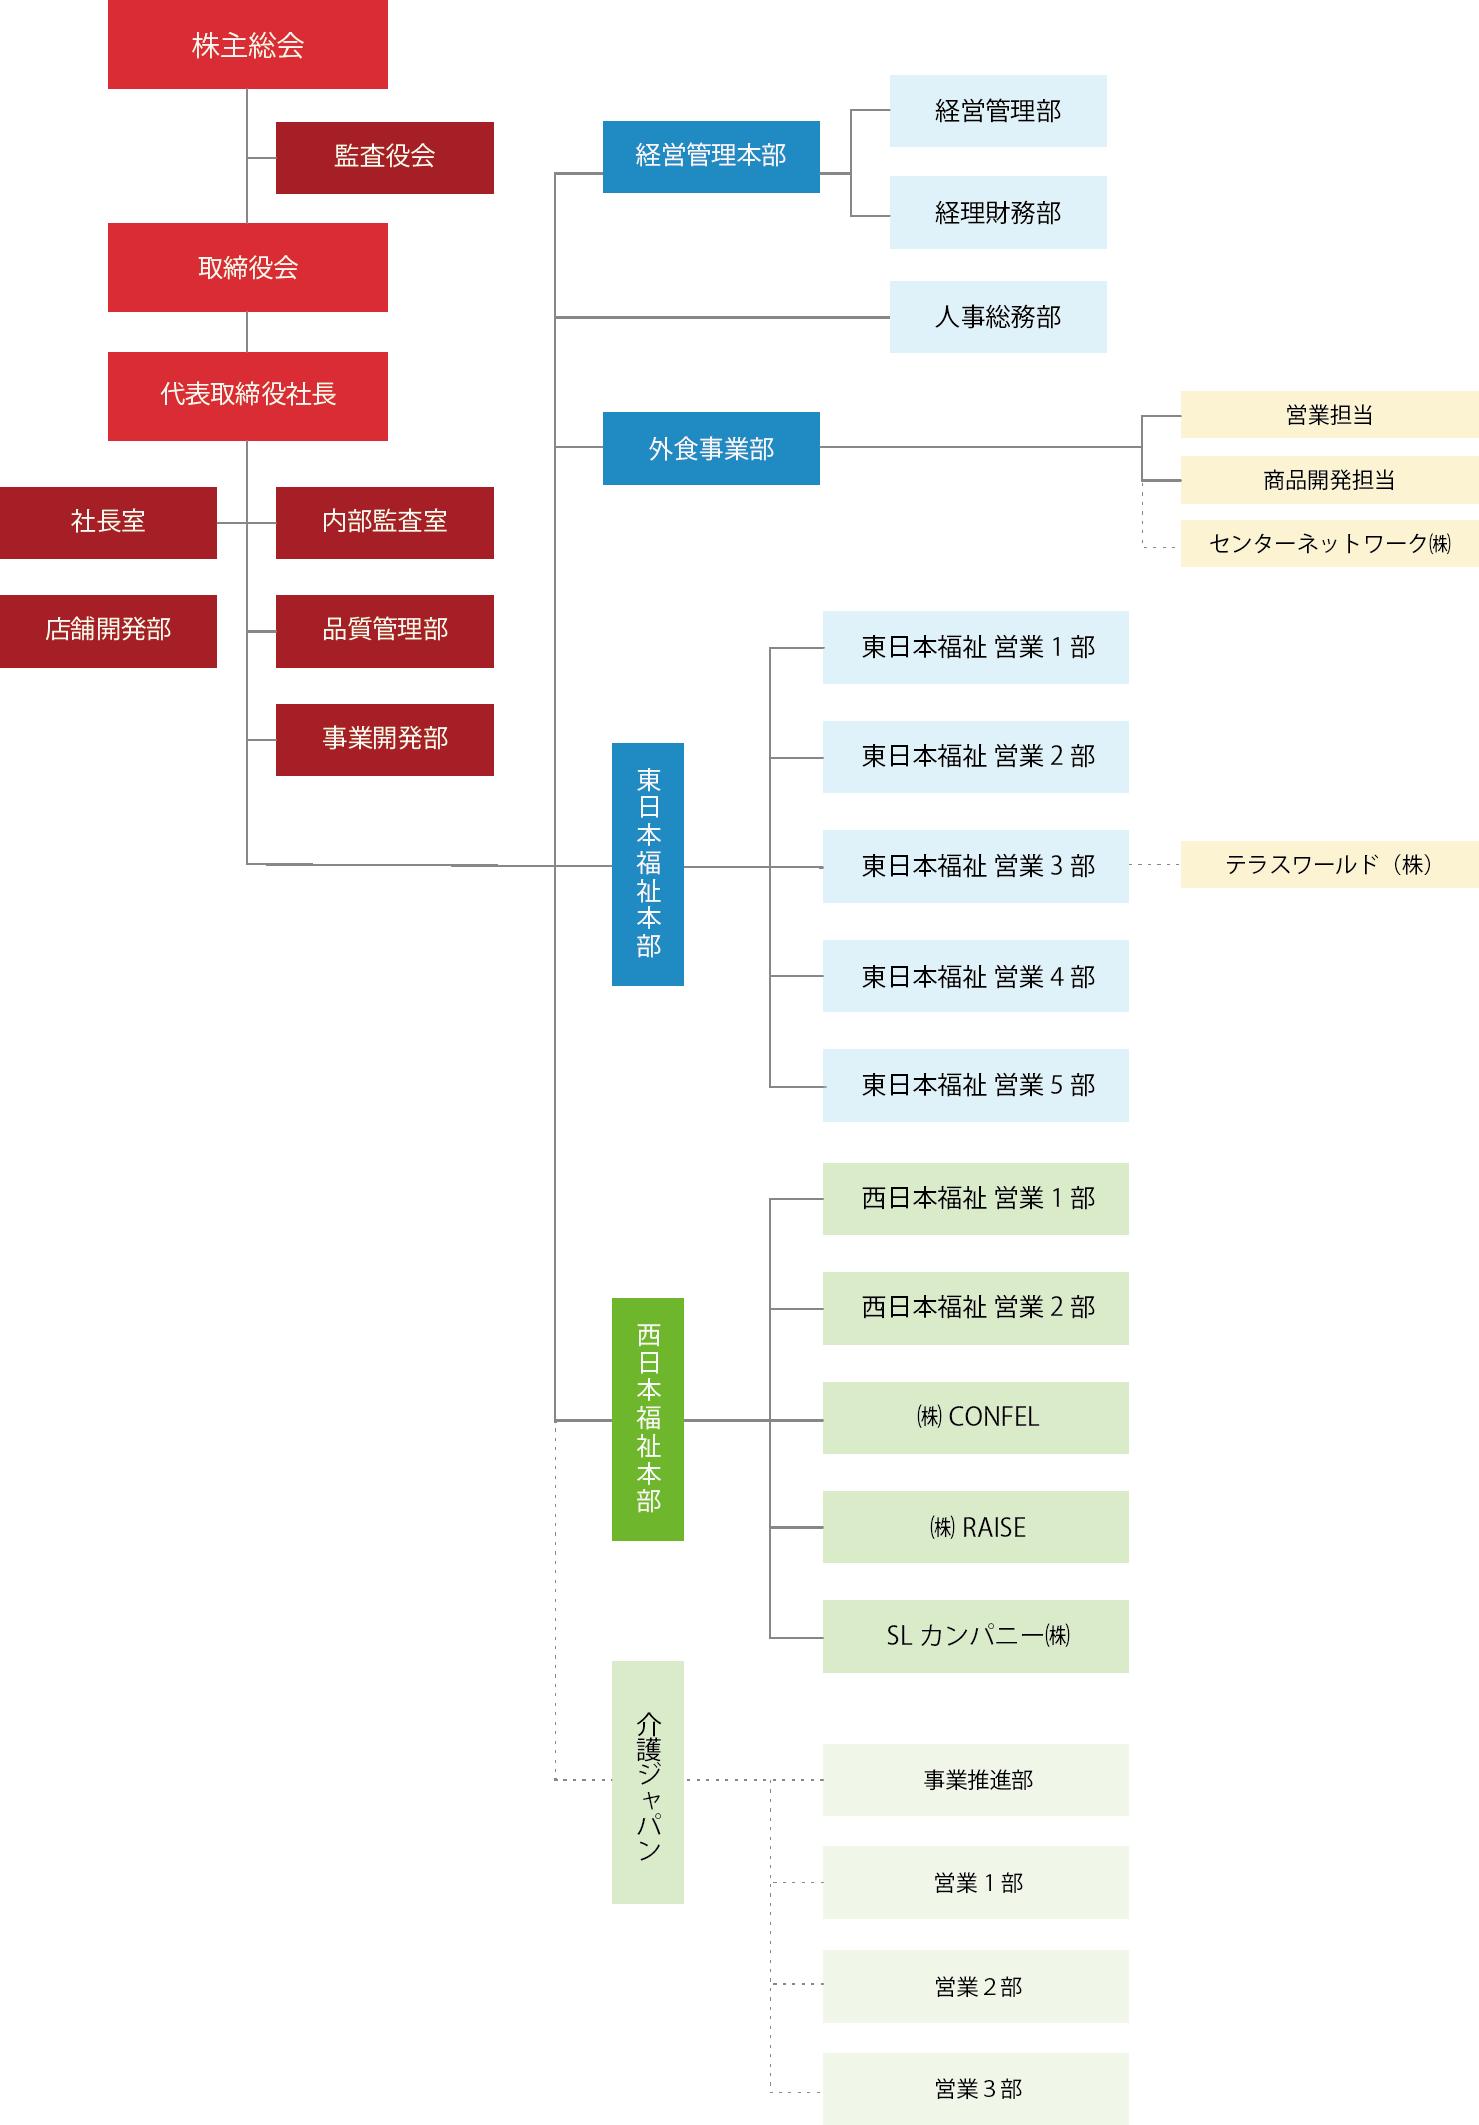 ahcグループ組織図